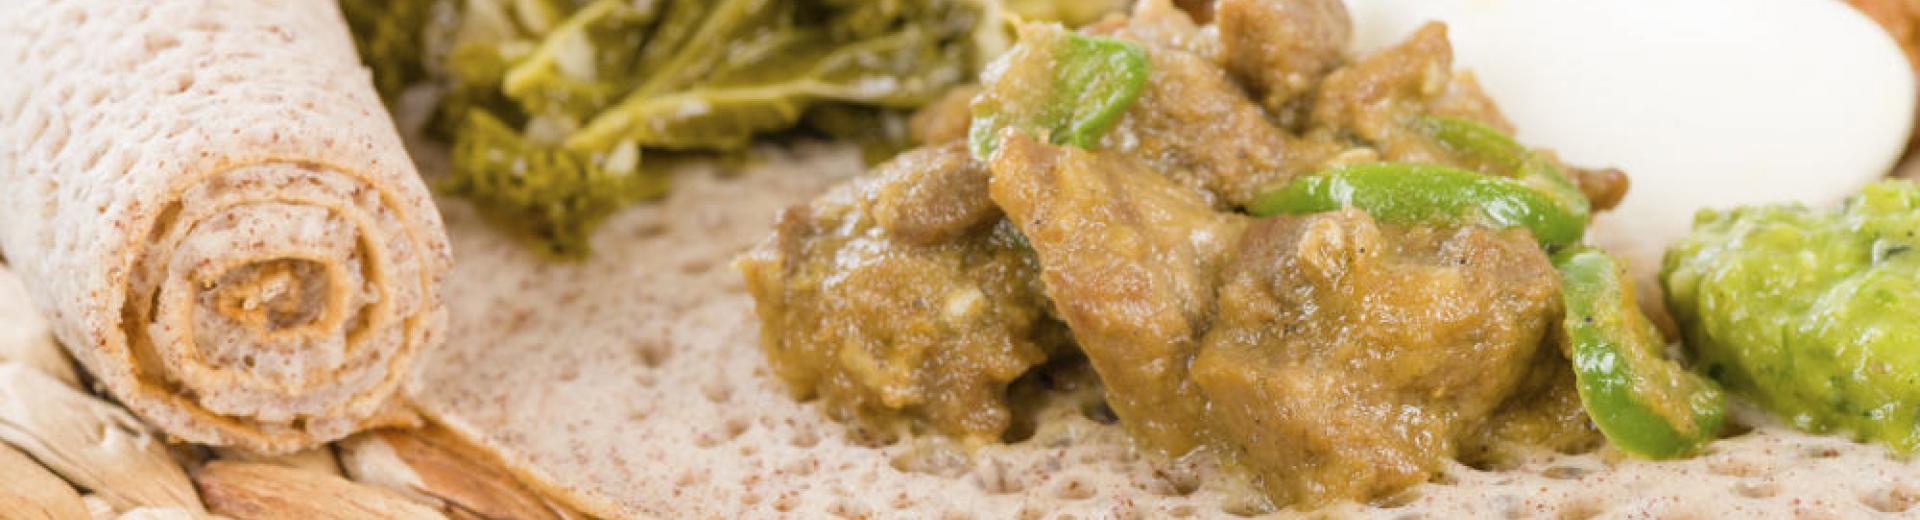 Food injera getty